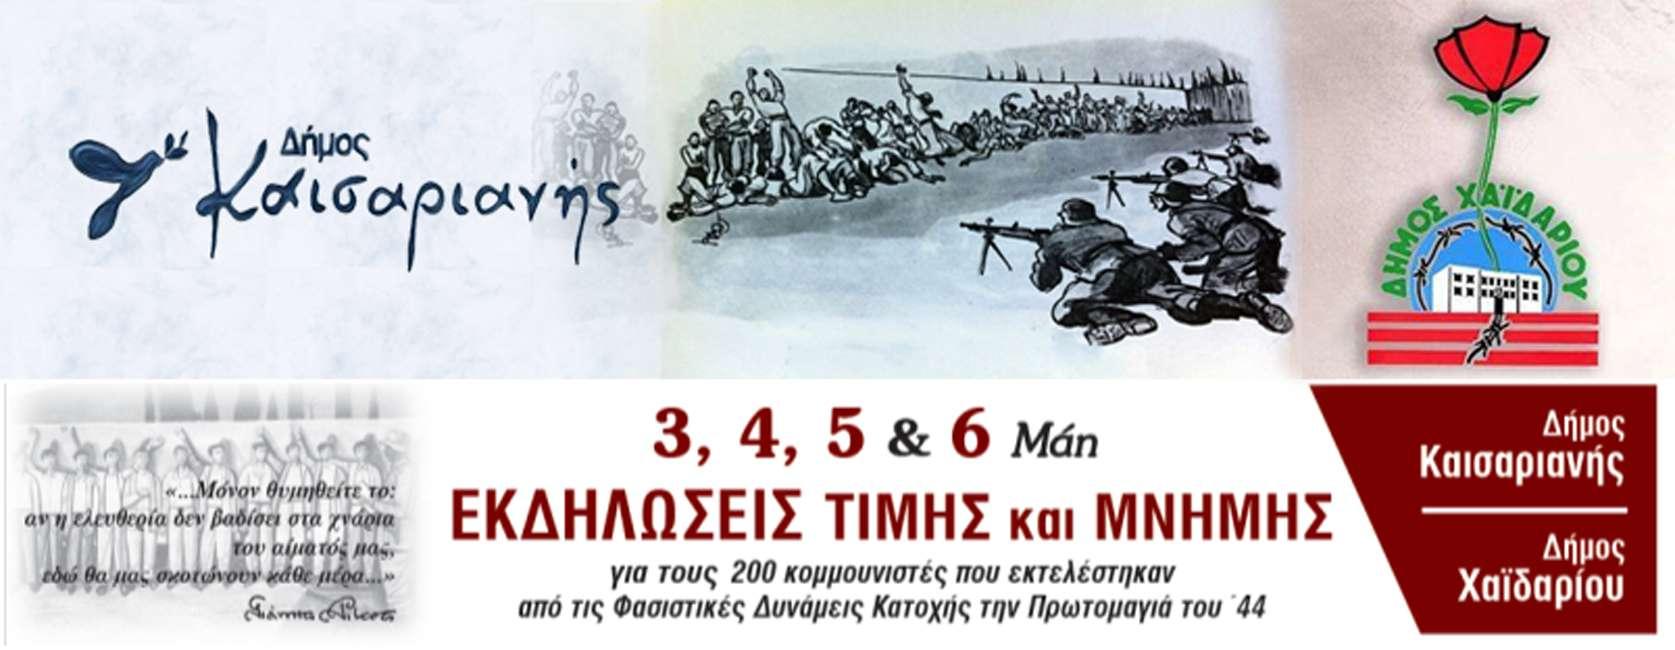 header Καισαριανή Εκδηλώσεις τιμής ι μνήμης 200